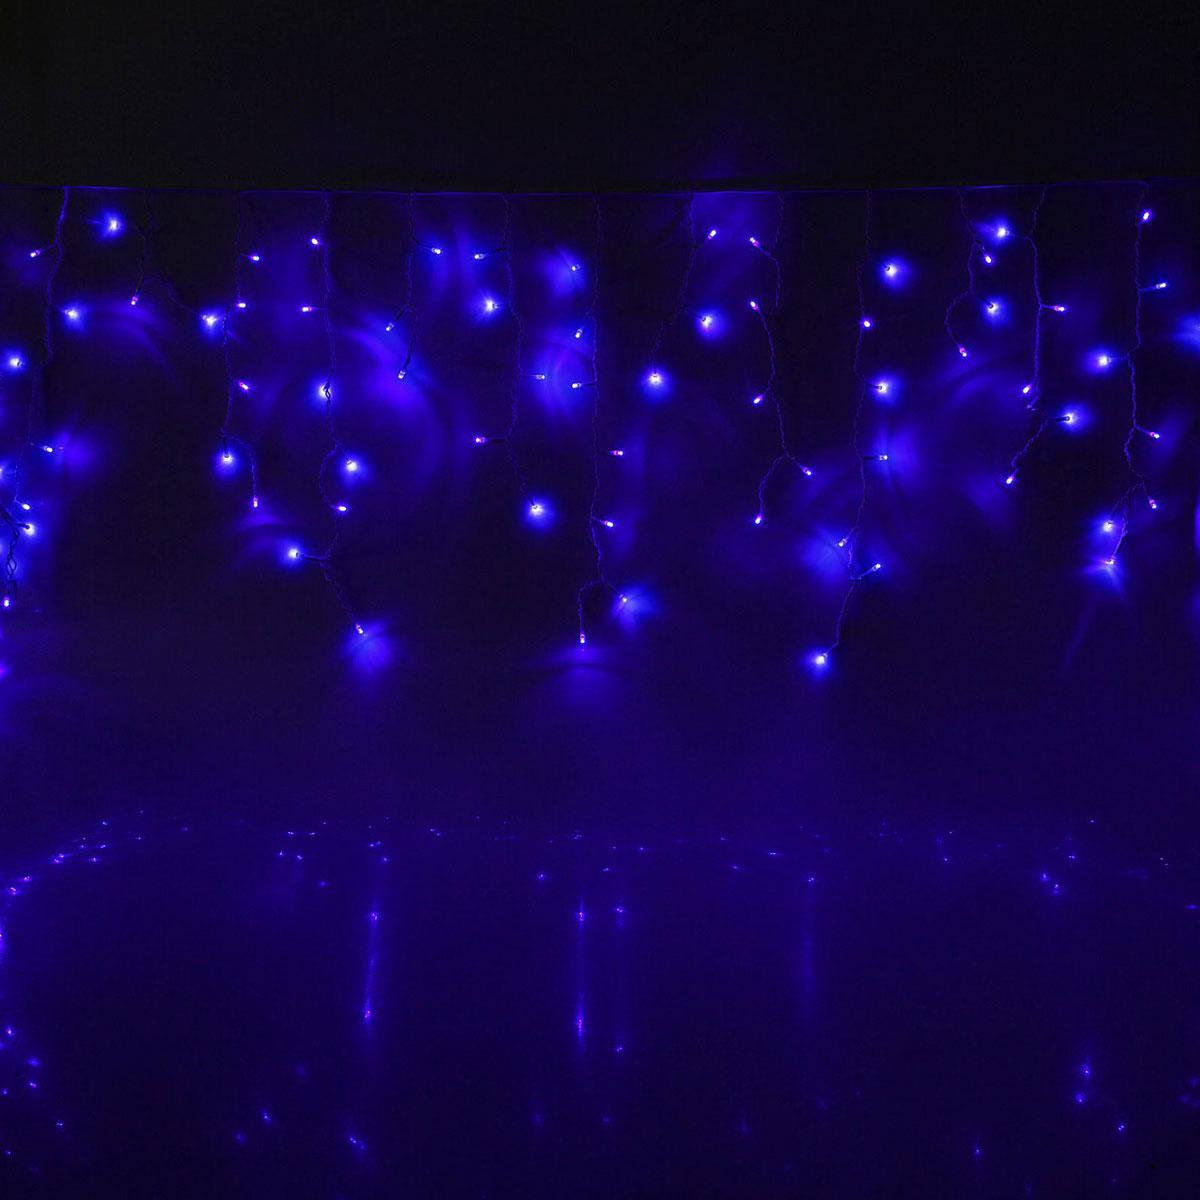 Гирлянда светодиодная Luazon Бахрома, уличная, 160 ламп, 220 V, цвет: синий, 3 х 0,6 м. 10801751080175Светодиодные гирлянды, ленты и т.д — это отличный вариант для новогоднего оформления интерьера или фасада. С их помощью помещение любого размера можно превратить в праздничный зал, а внешние элементы зданий, украшенные ими, мгновенно станут напоминать очертания сказочного дворца. Такие украшения создают ауру предвкушения чуда. Деревья, фасады, витрины, окна и арки будто специально созданы, чтобы вы украсили их светящимися нитями.